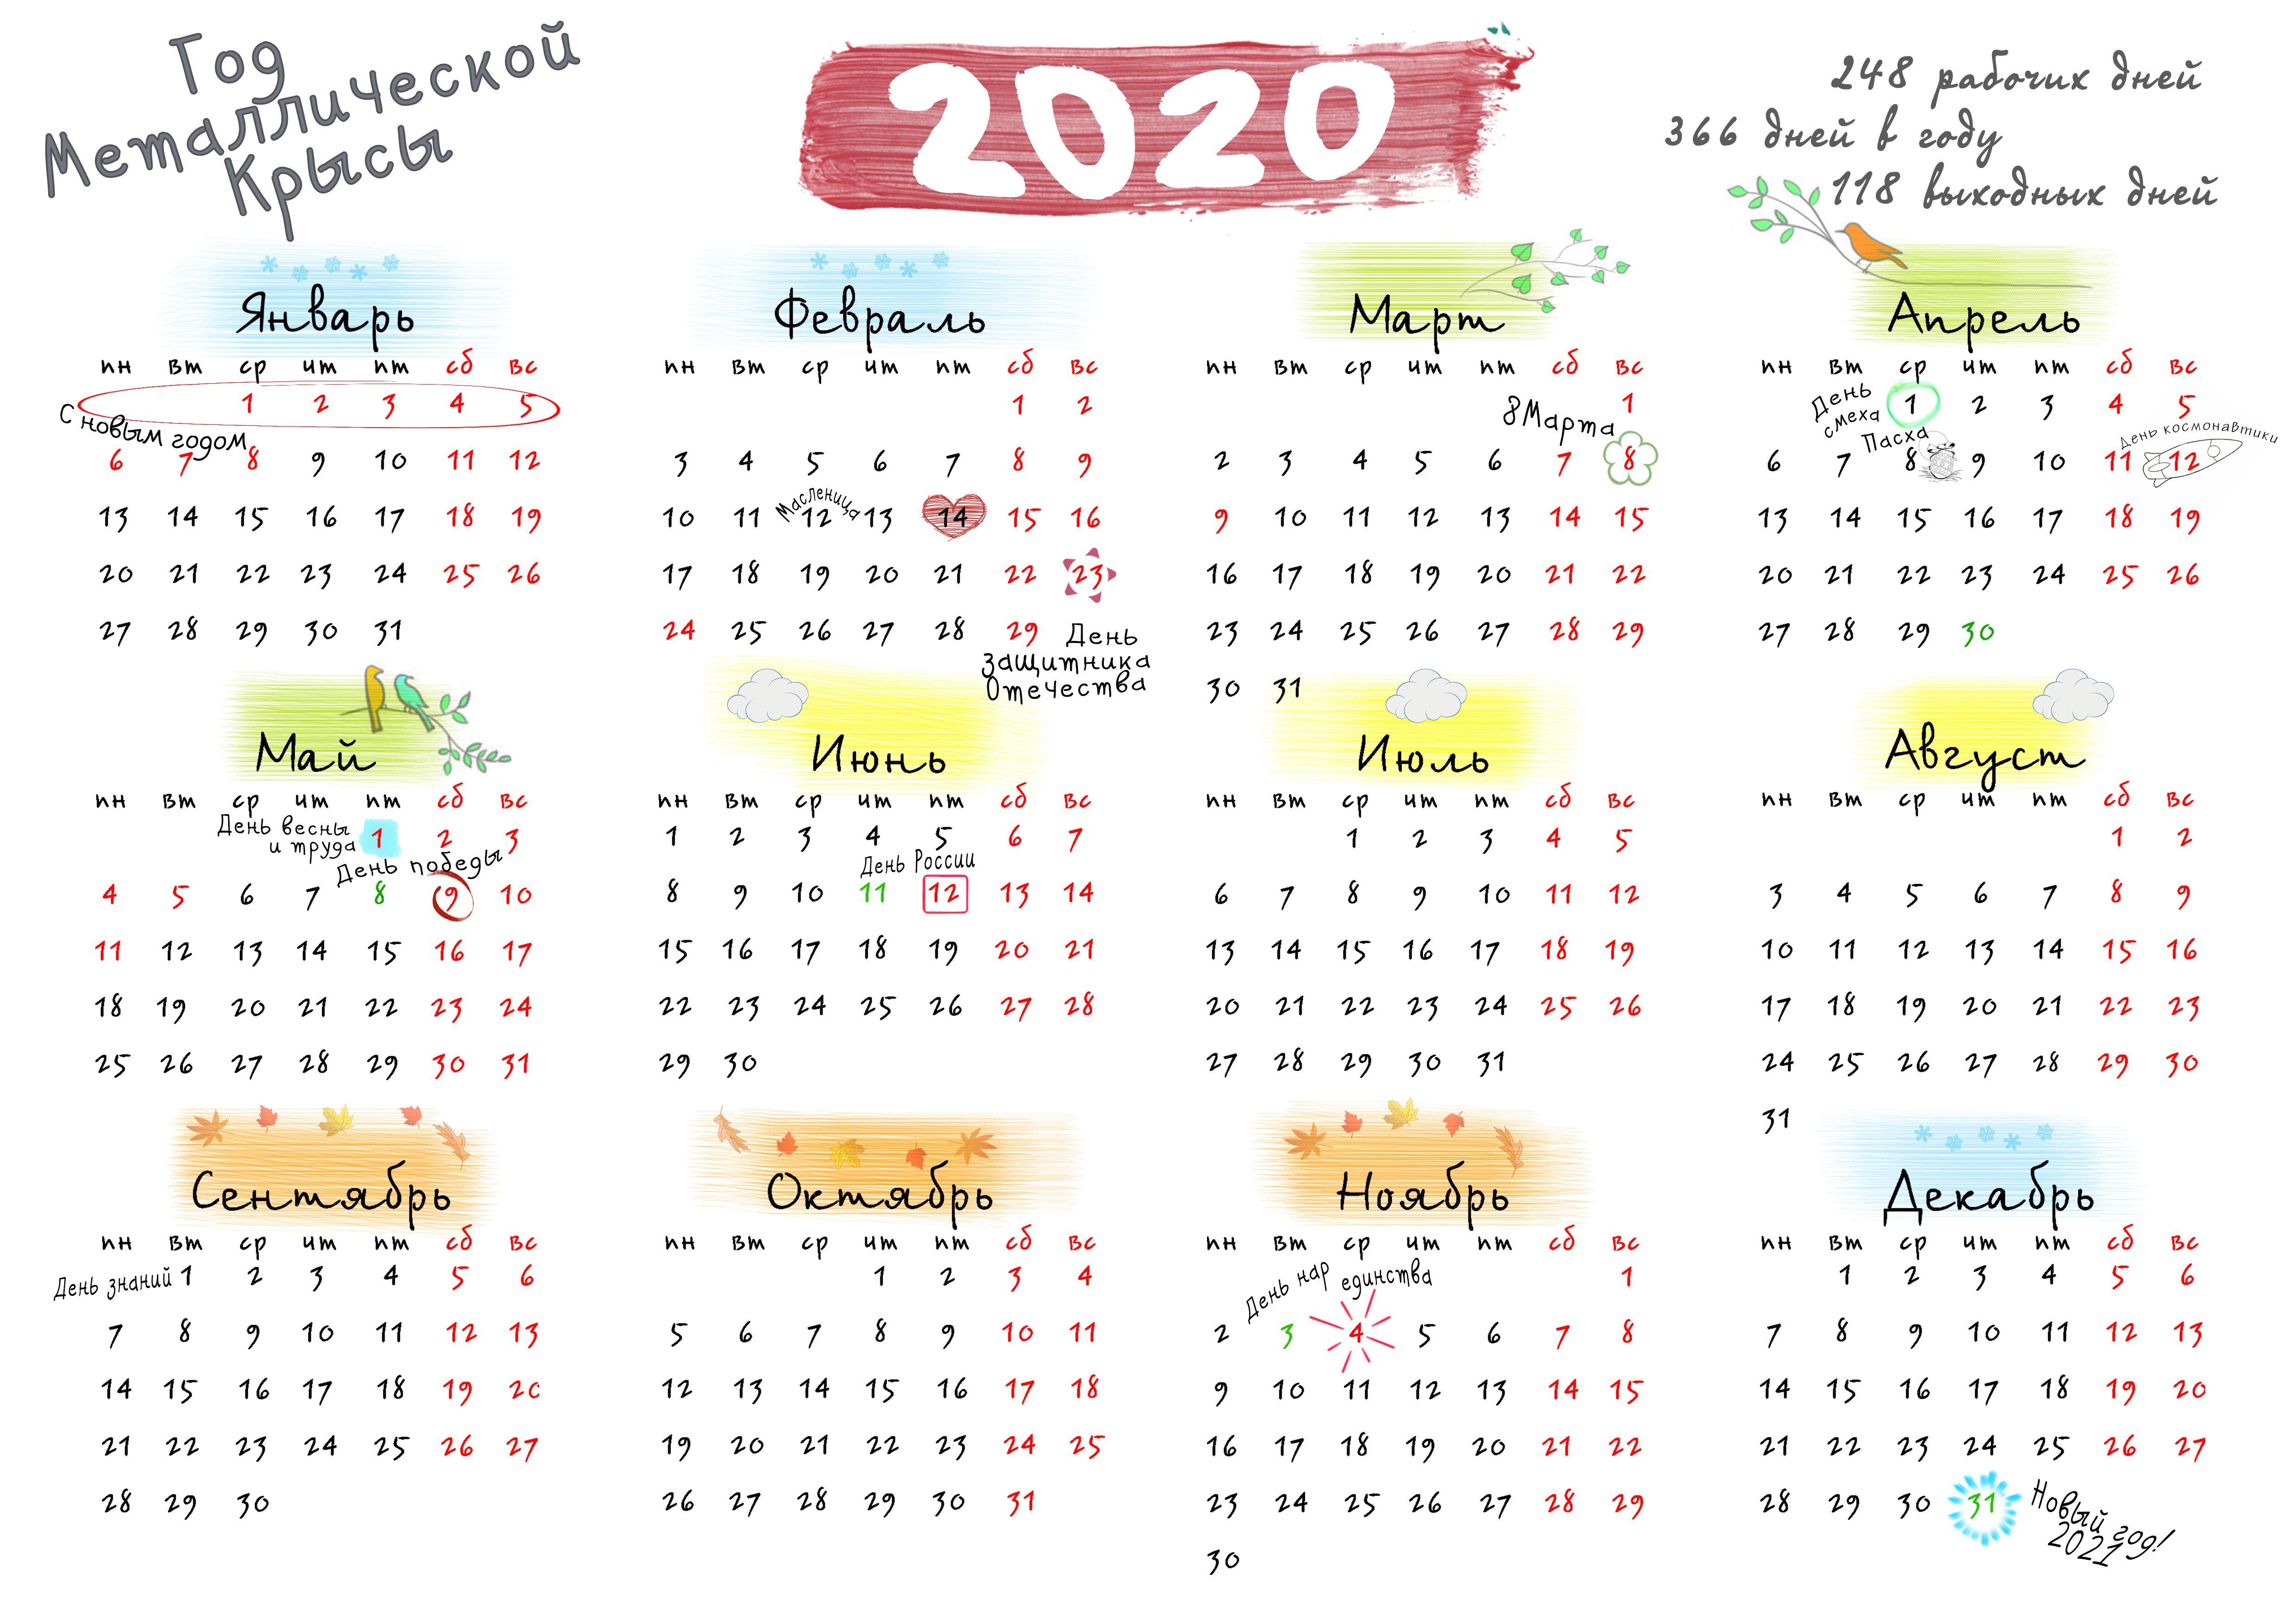 Производственный Календарь 2020 Года   Календарь, Календарь